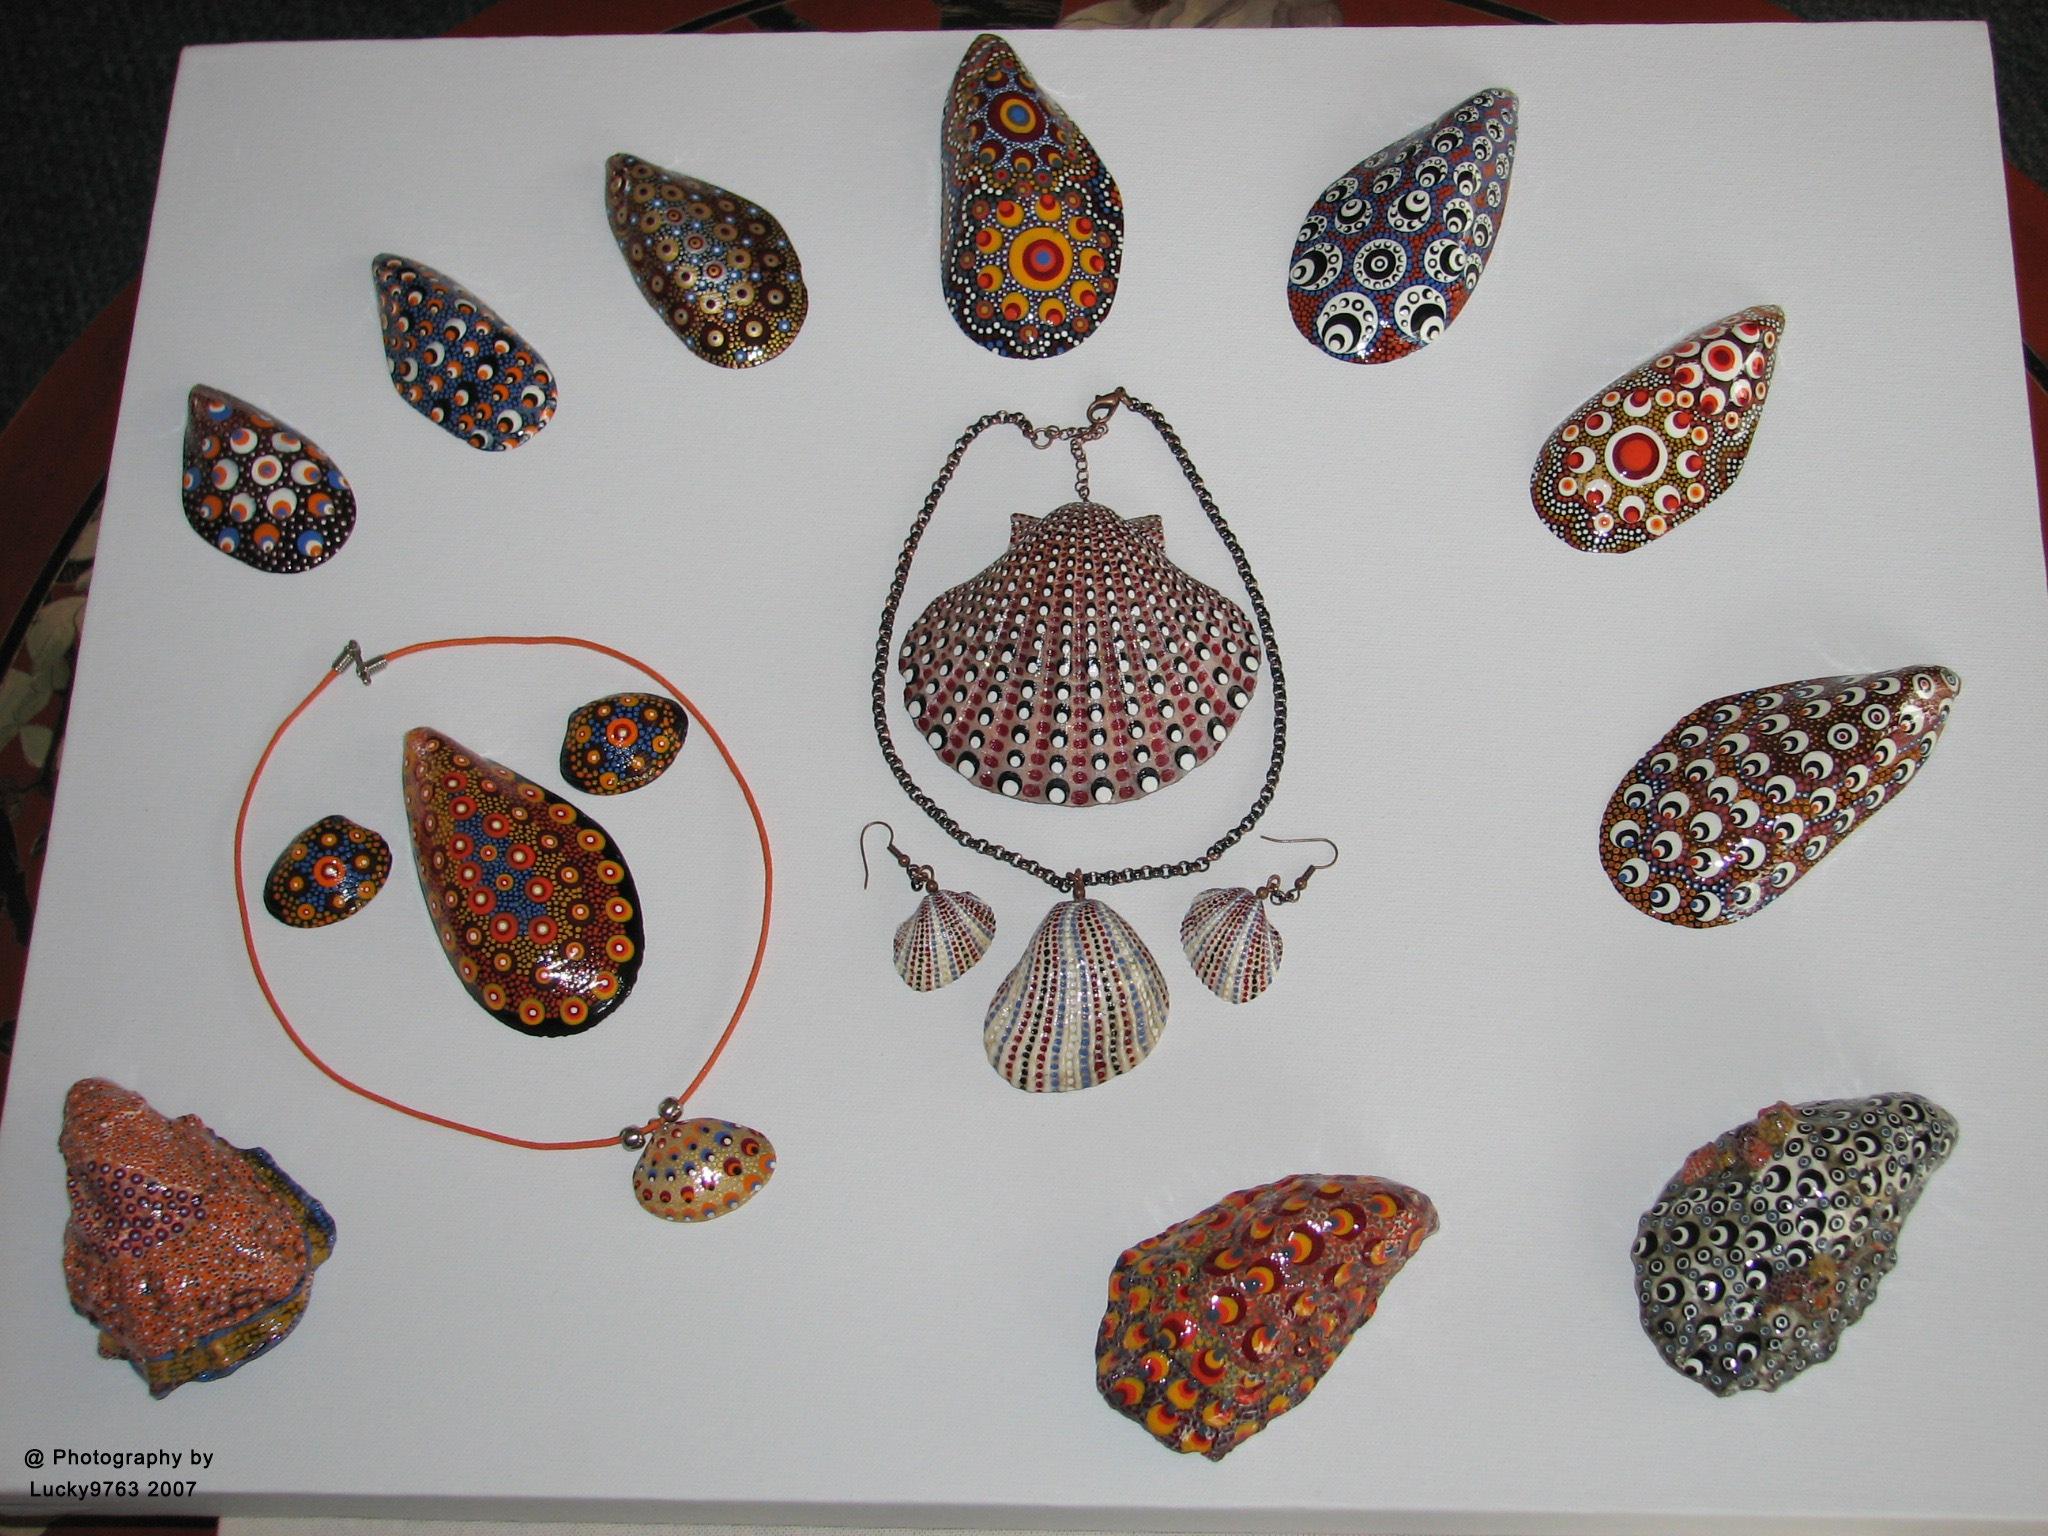 My Shells 2007 by Attila Erdei